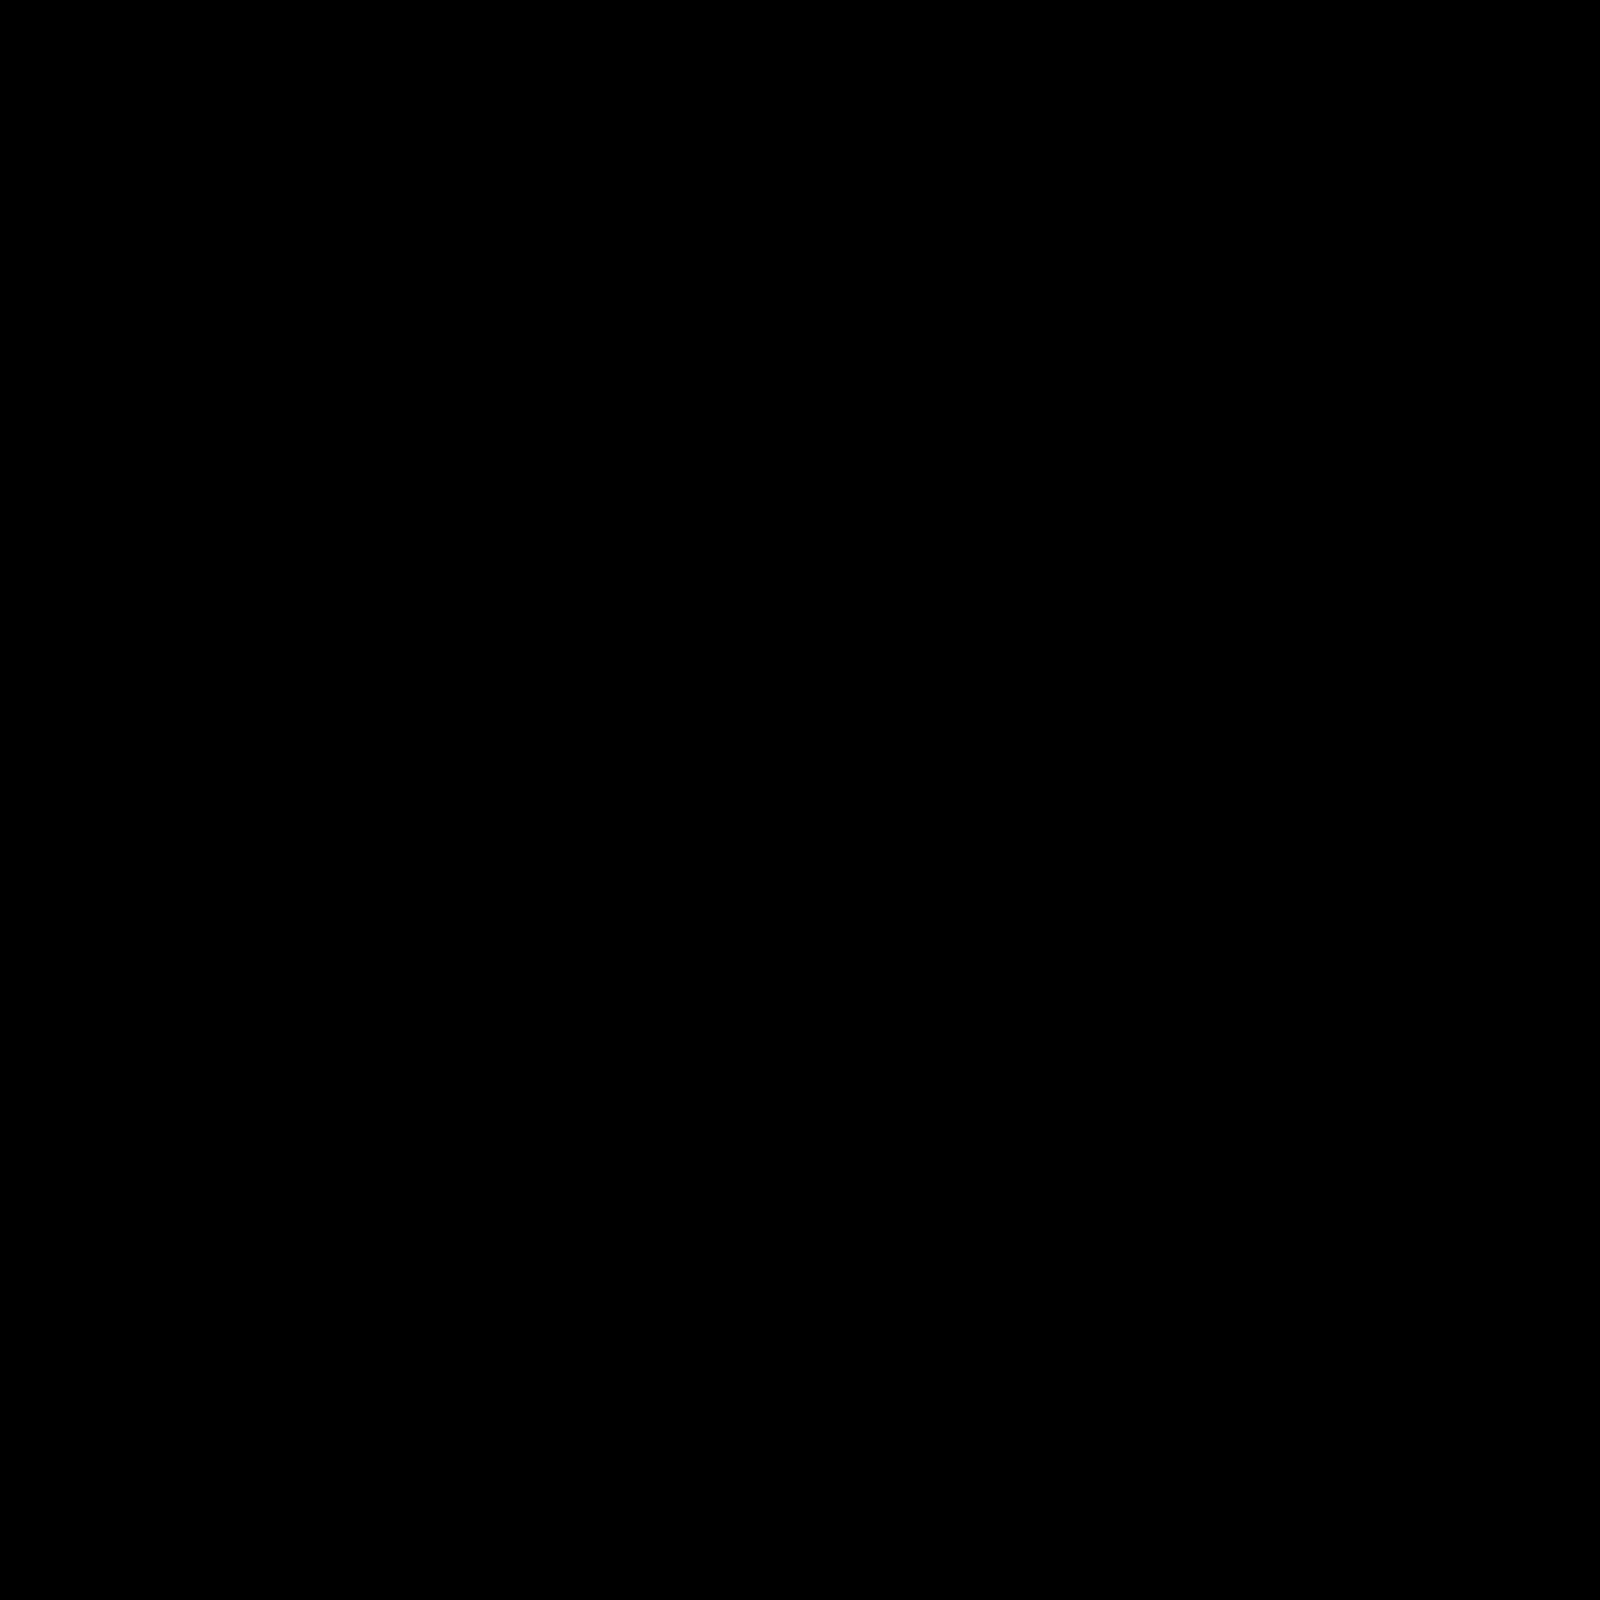 Kontrola trakcji icon